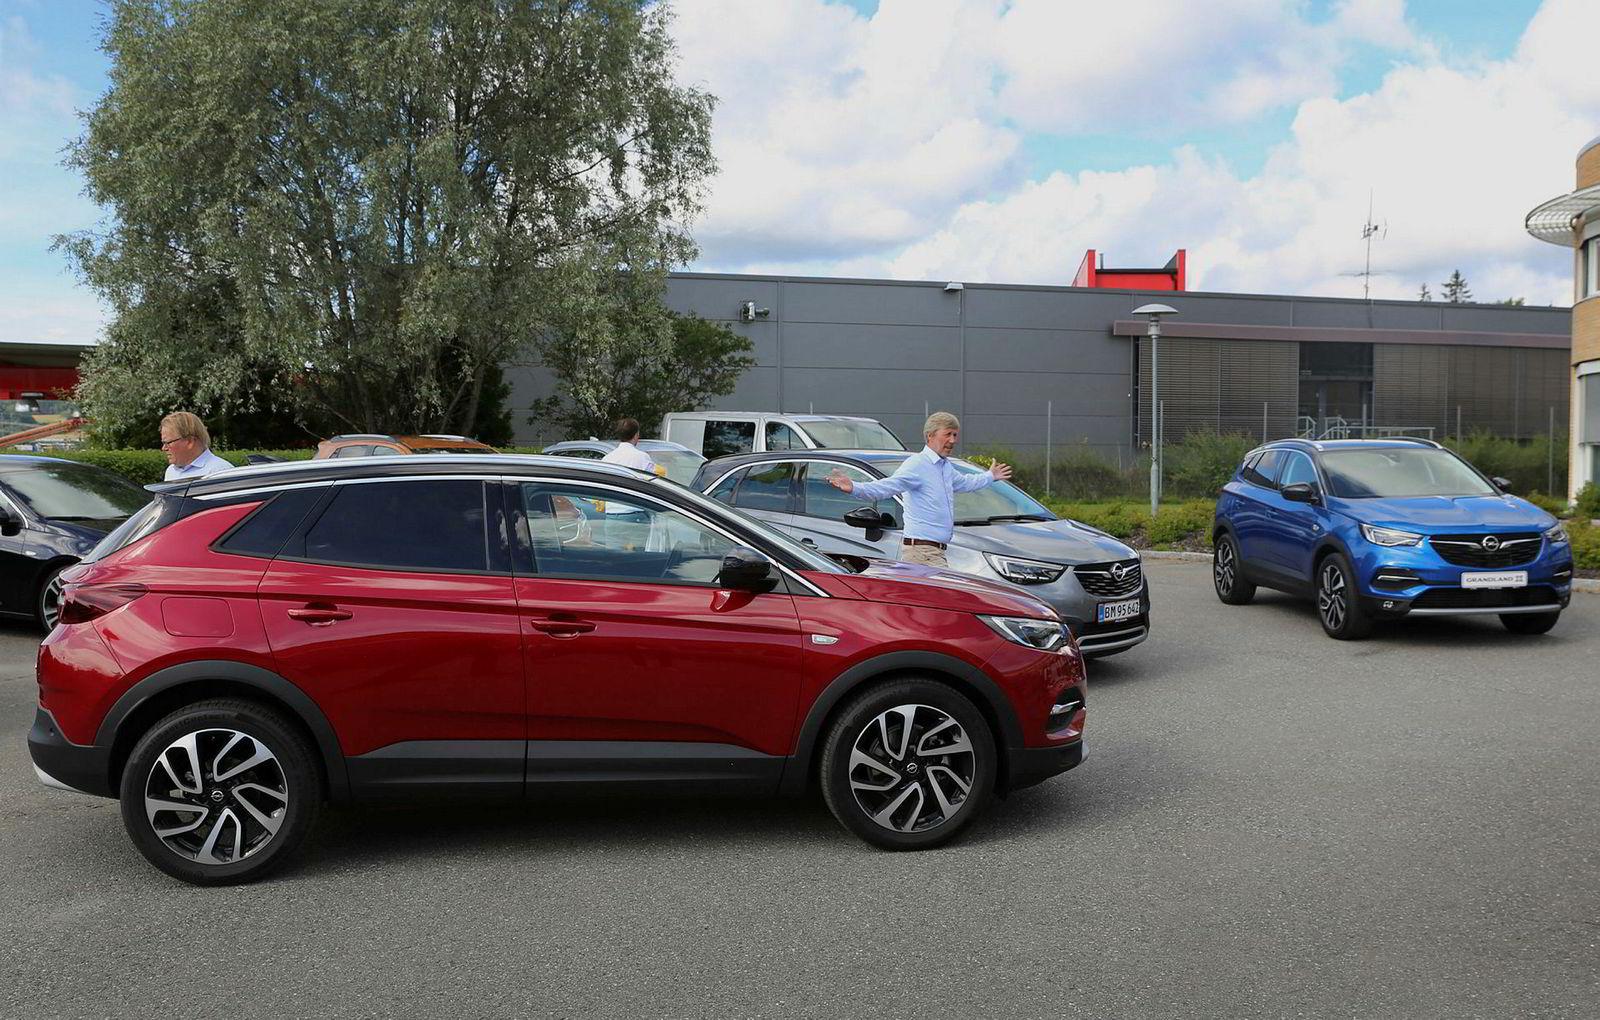 Opel Grandland X er den største av Opels suver, og skal konkurrere mot biler som Nissan Qashqai.